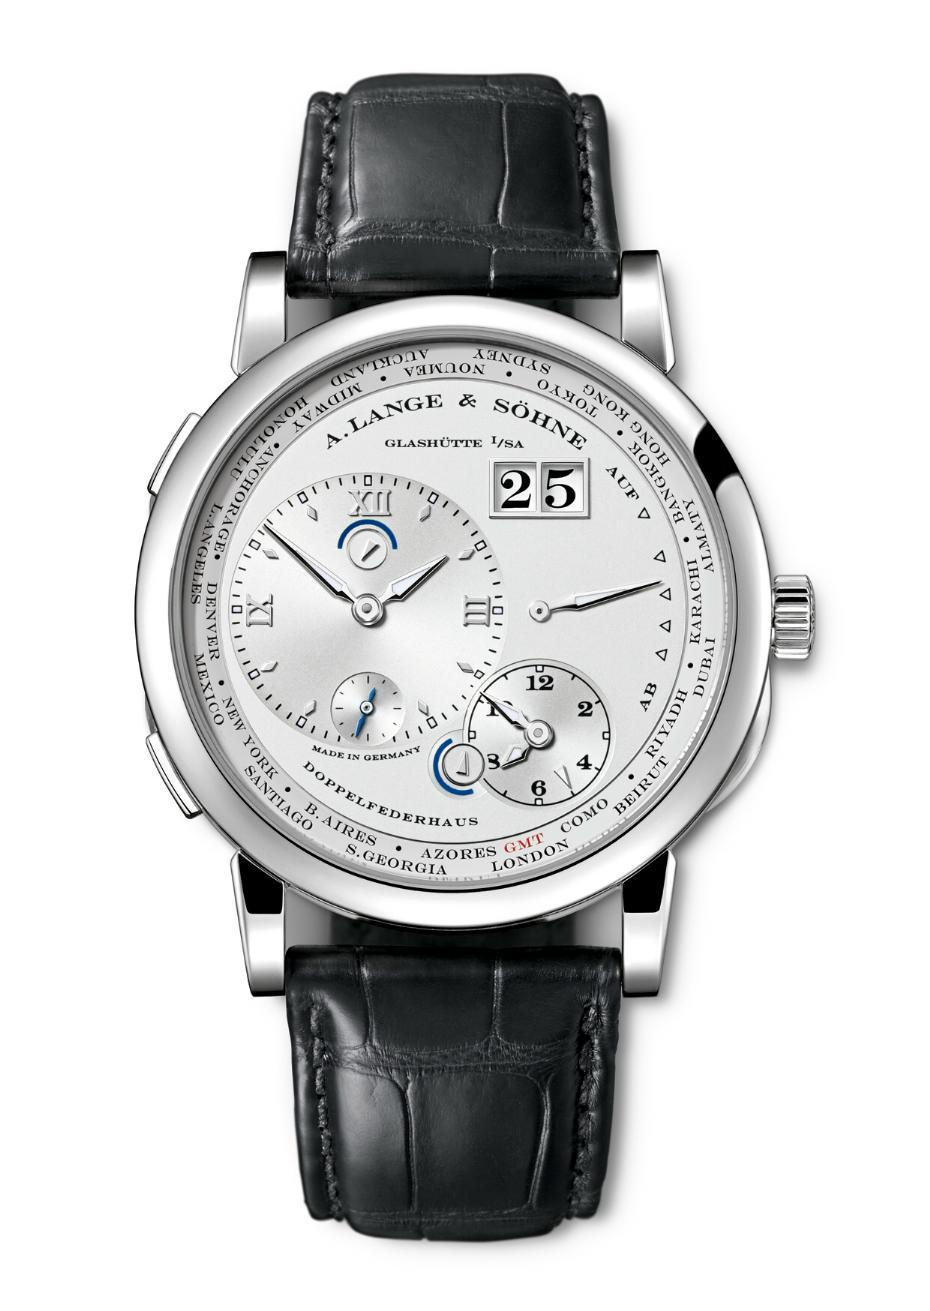 Luxusní hodinky A. Lange & Söhne Lange 1 Time Zone Como Edition